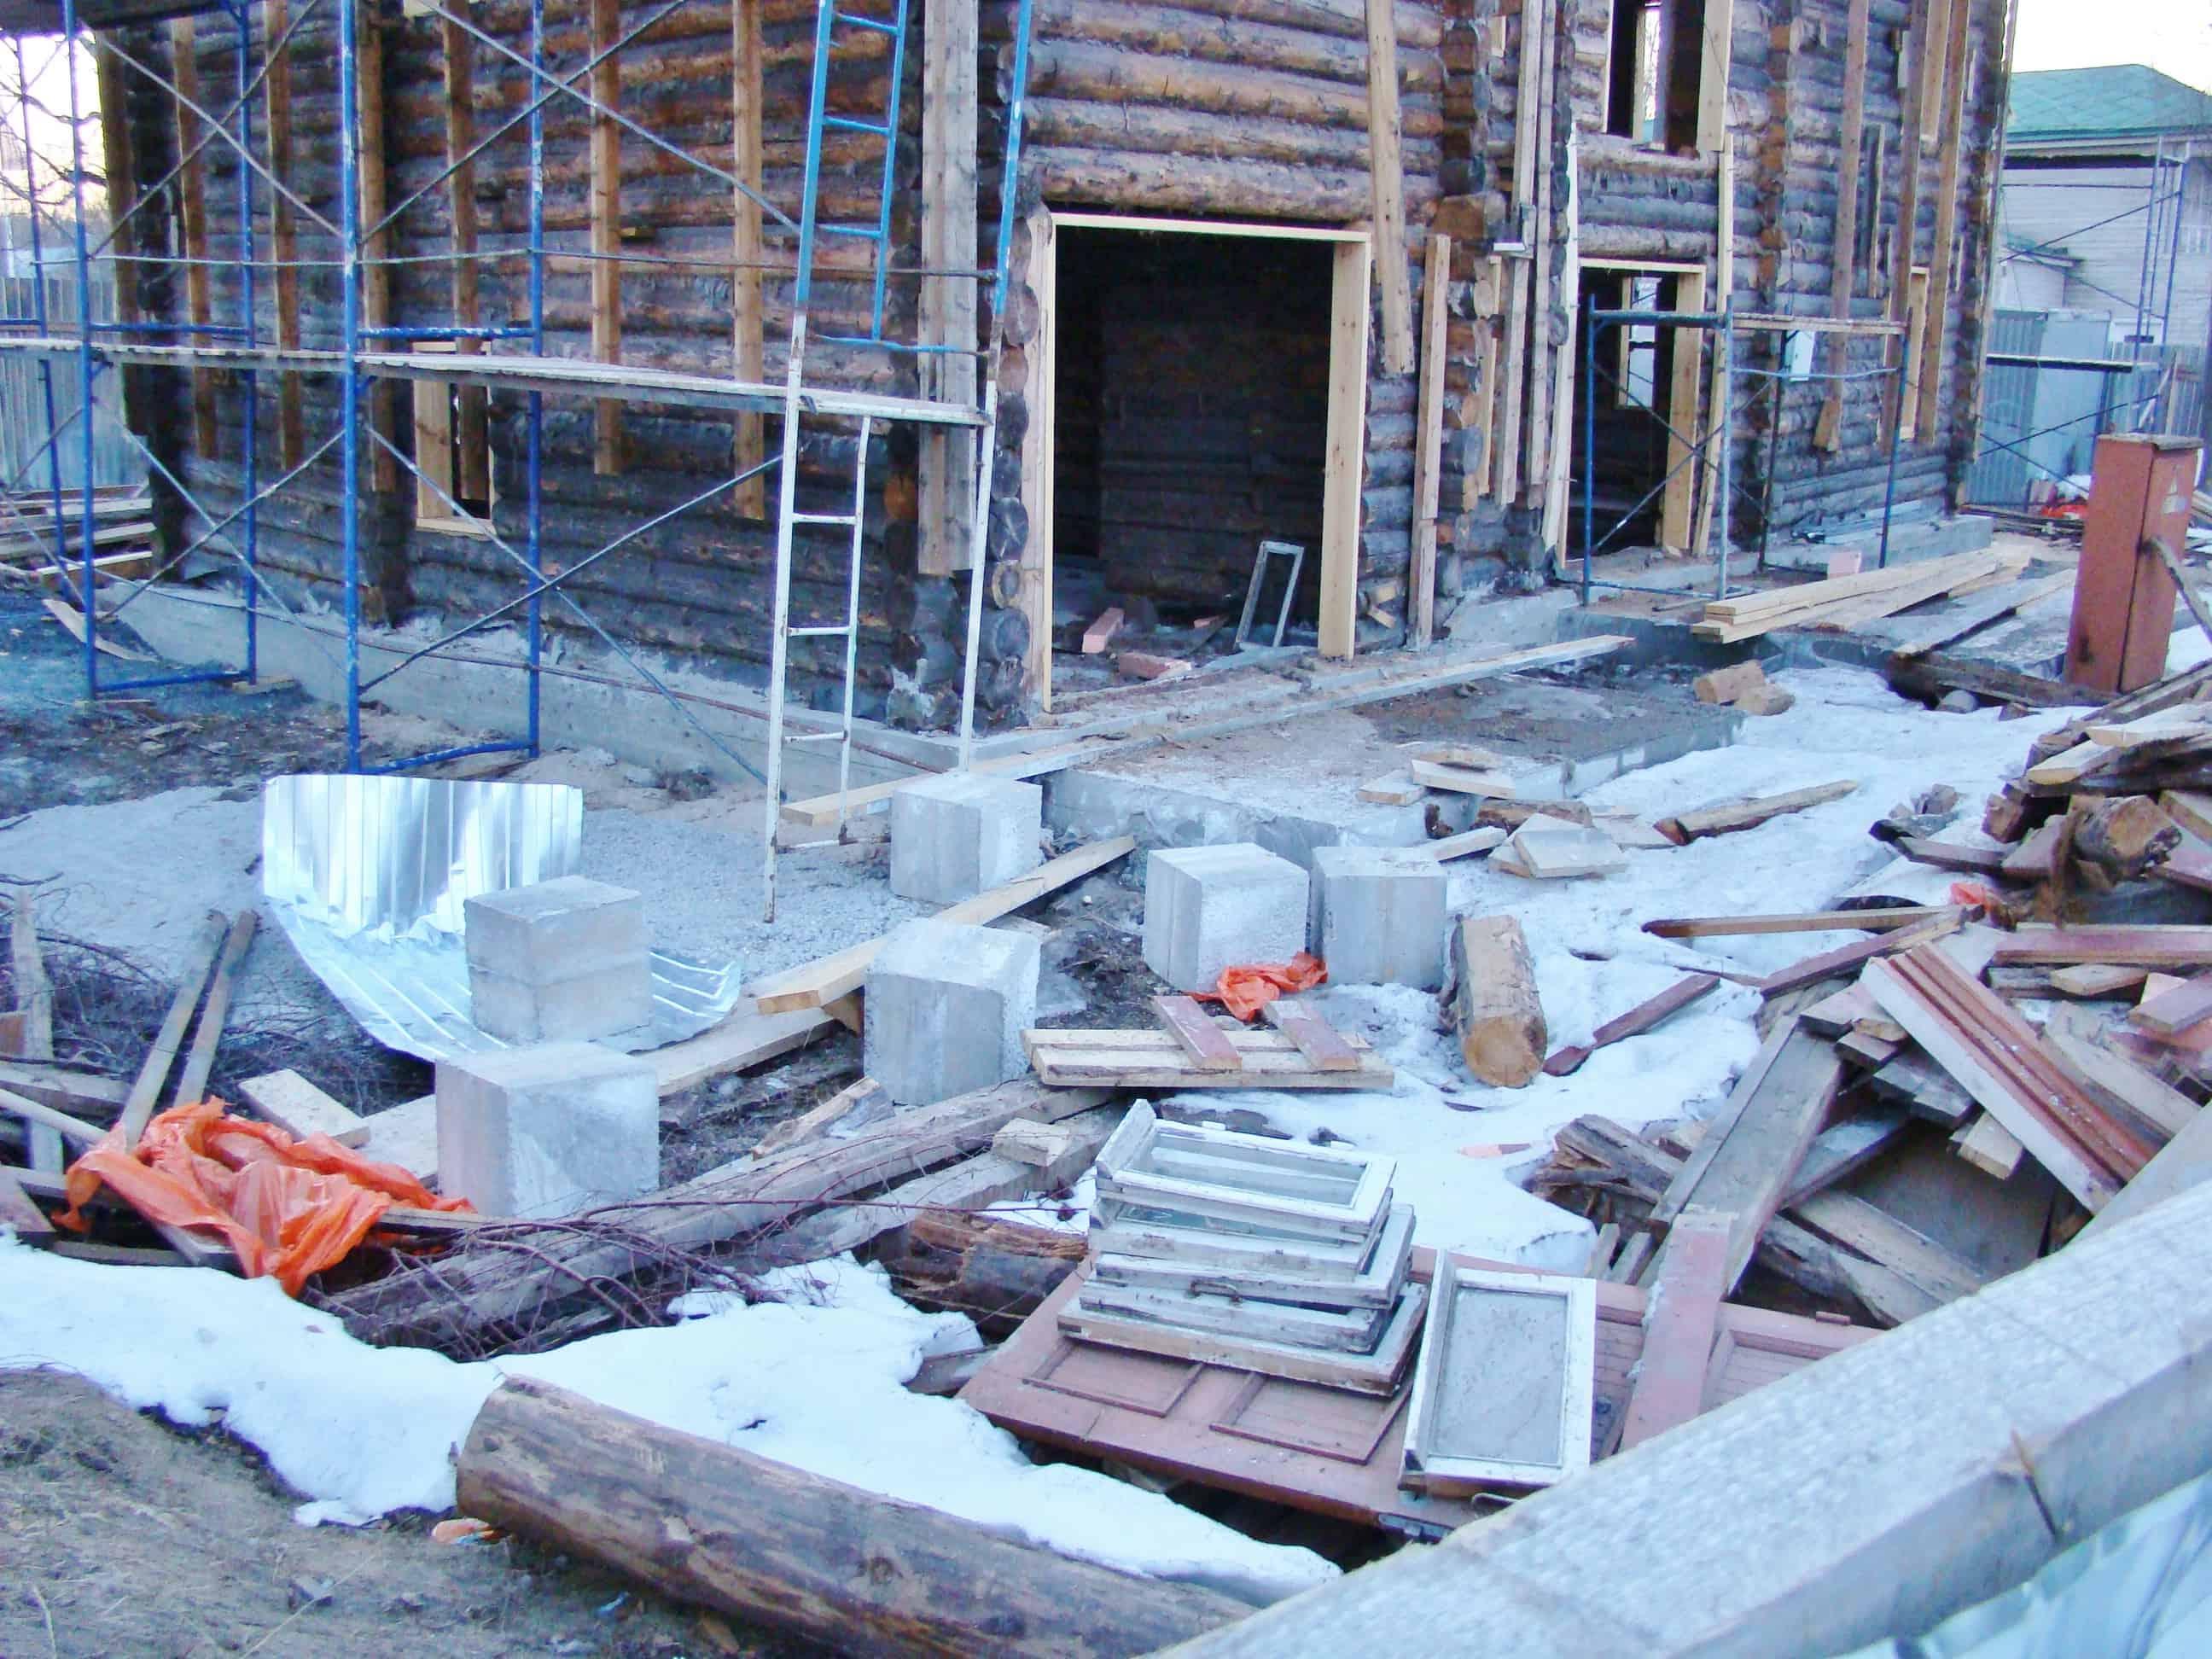 Дом Богданова, 4.04.19 Из нового вот эти бетонные кубики на участке